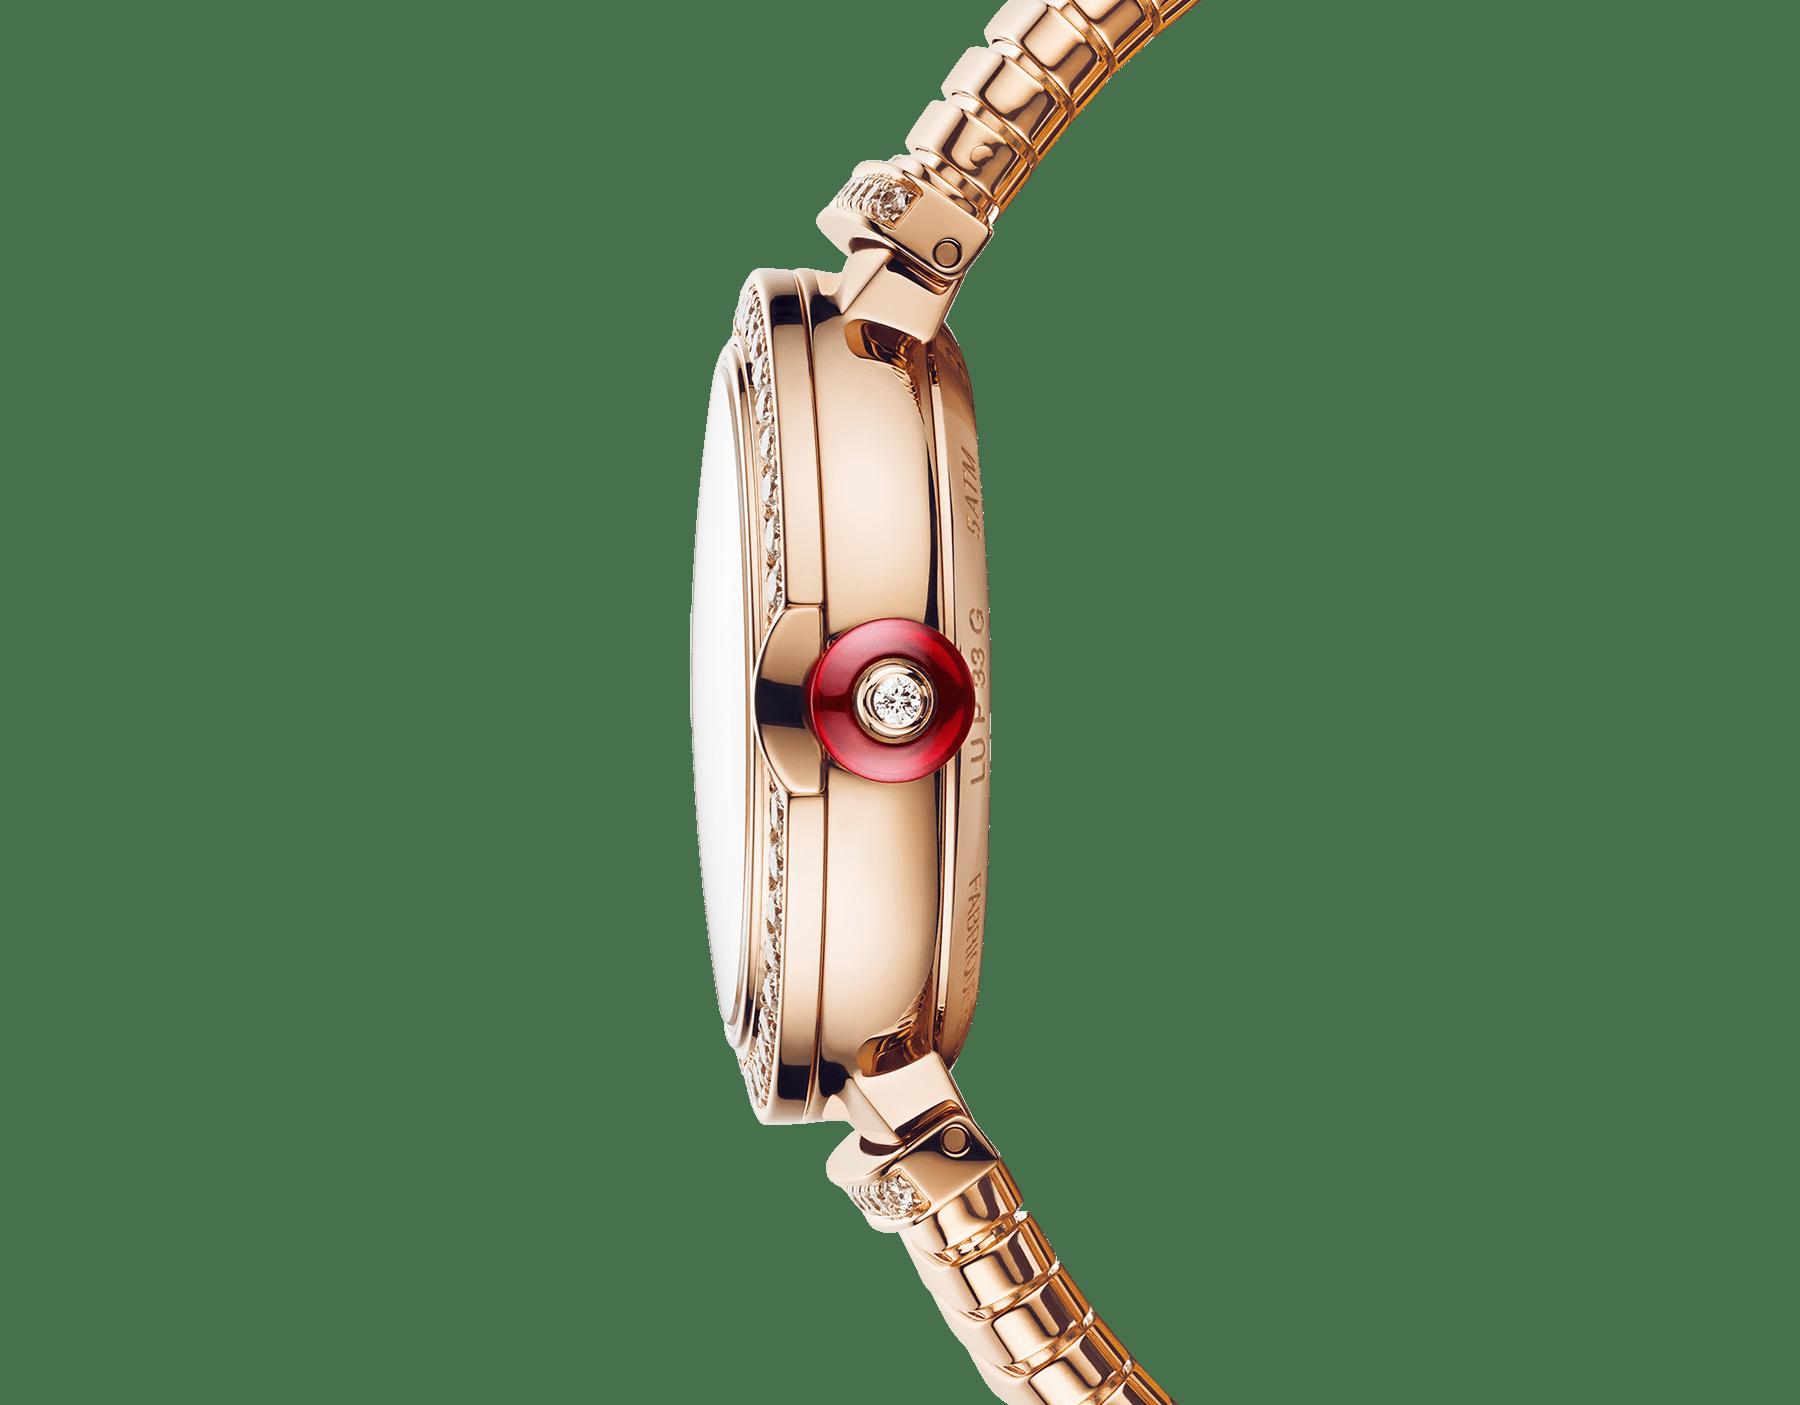 Relógio LVCEA Tubogas com caixa em ouro rosa 18K cravejada com diamantes, mostrador em madrepérola branca, índices de diamante e pulseira tubogas em ouro rosa 18K 103034 image 3